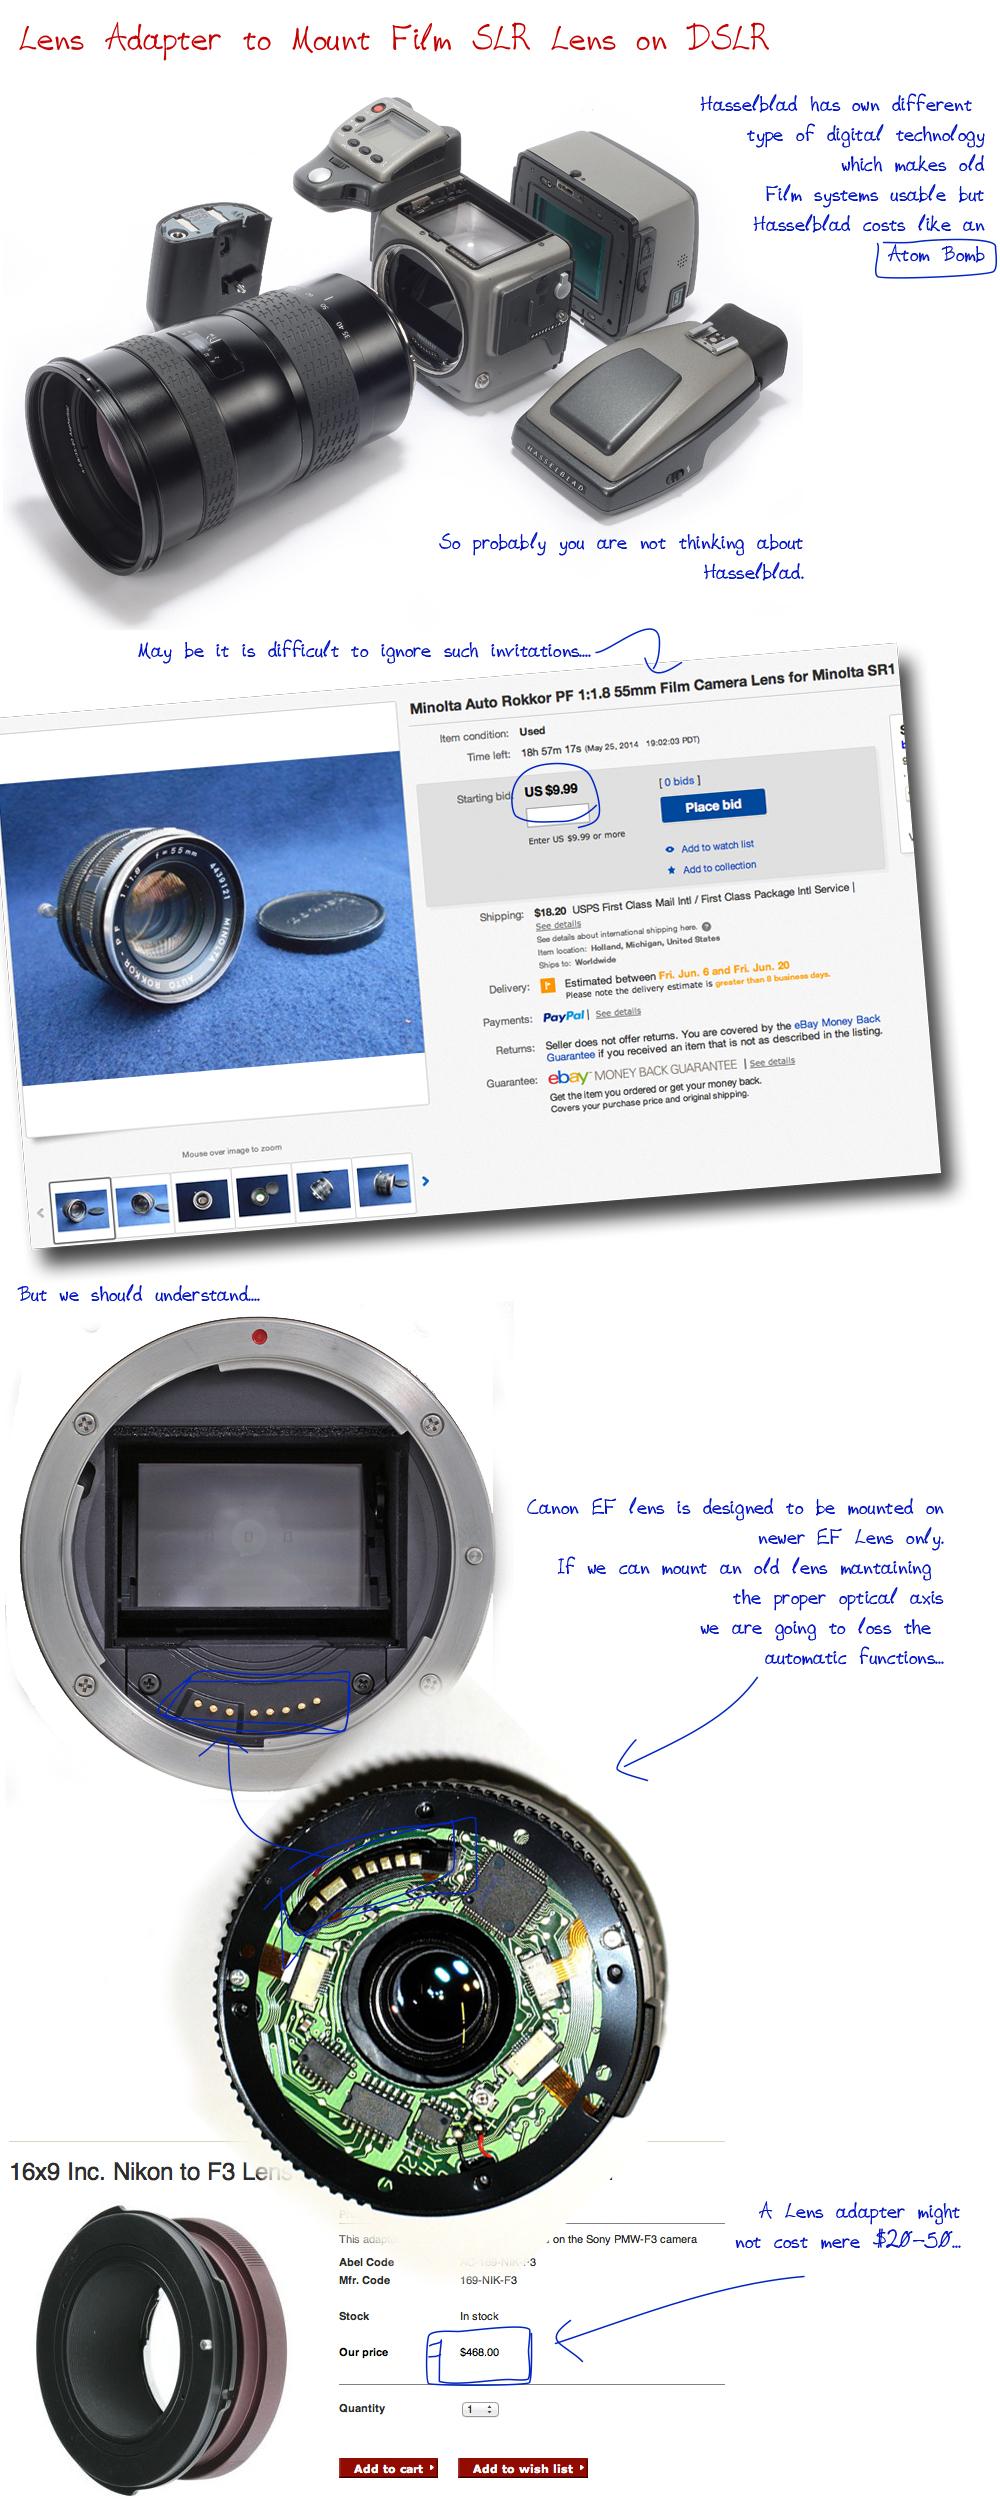 Lens-Adapter-to-Mount-Film-SLR-Lens-on-DSLR